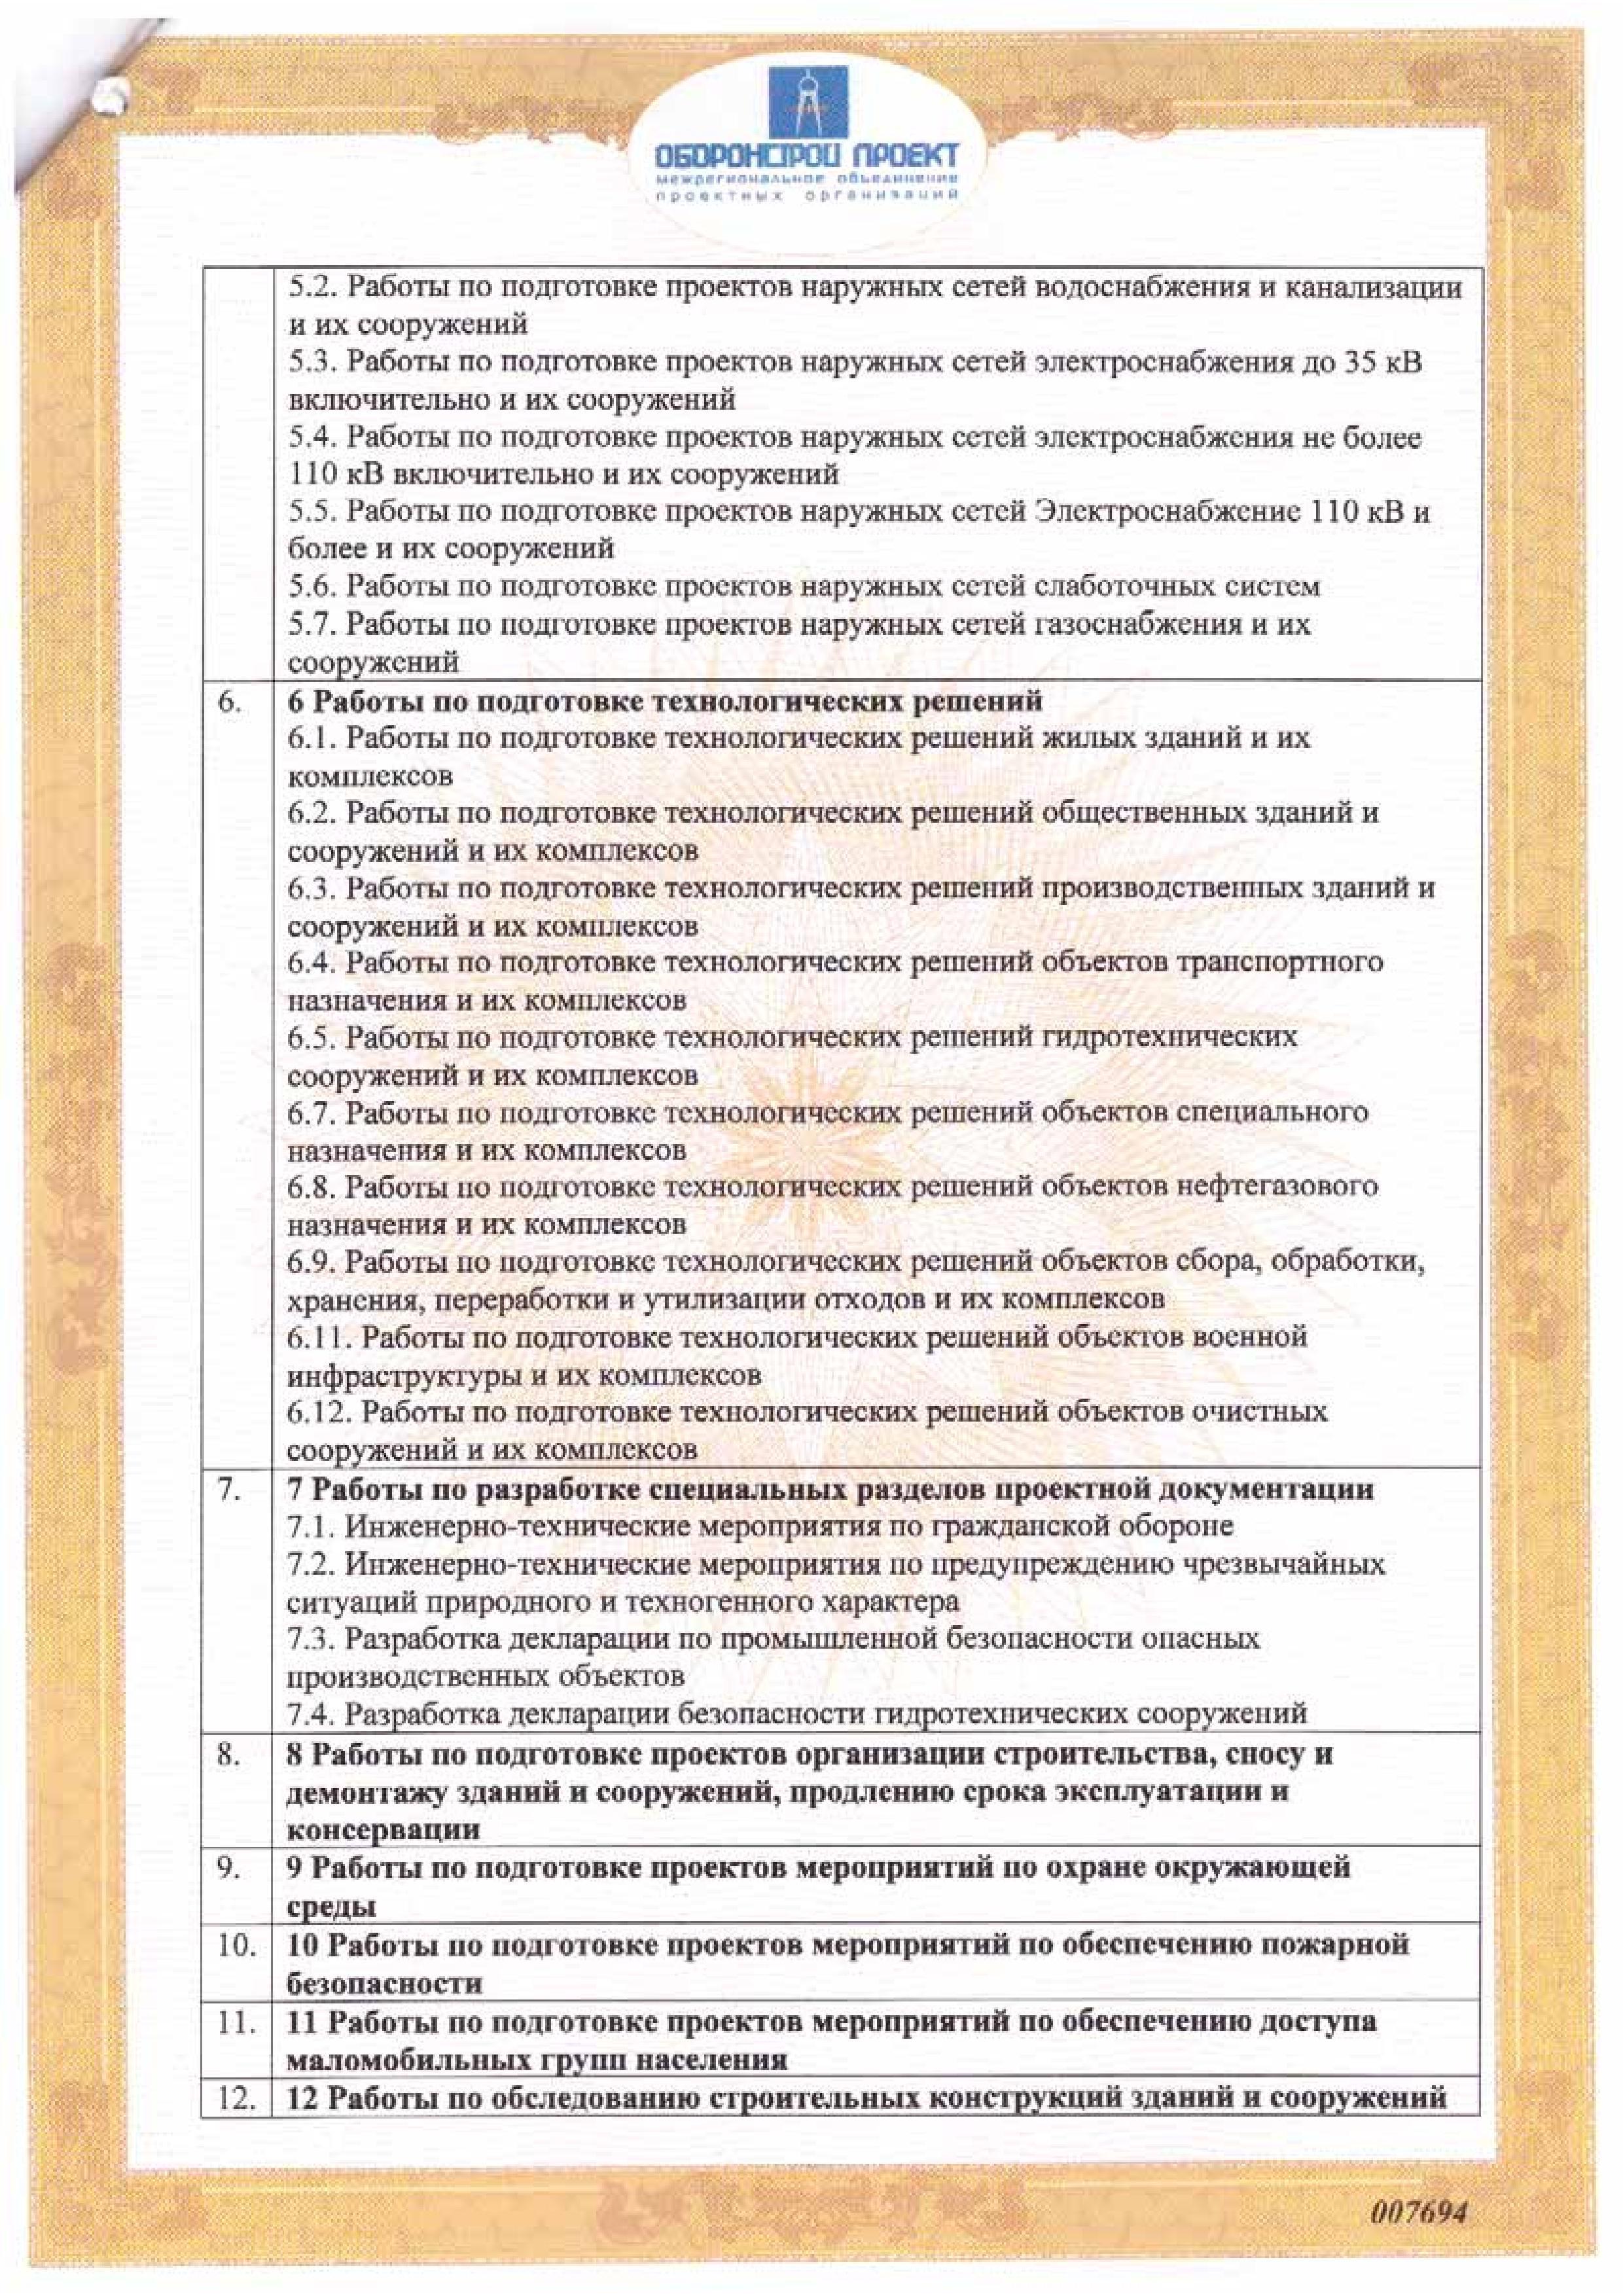 СРО лист 6